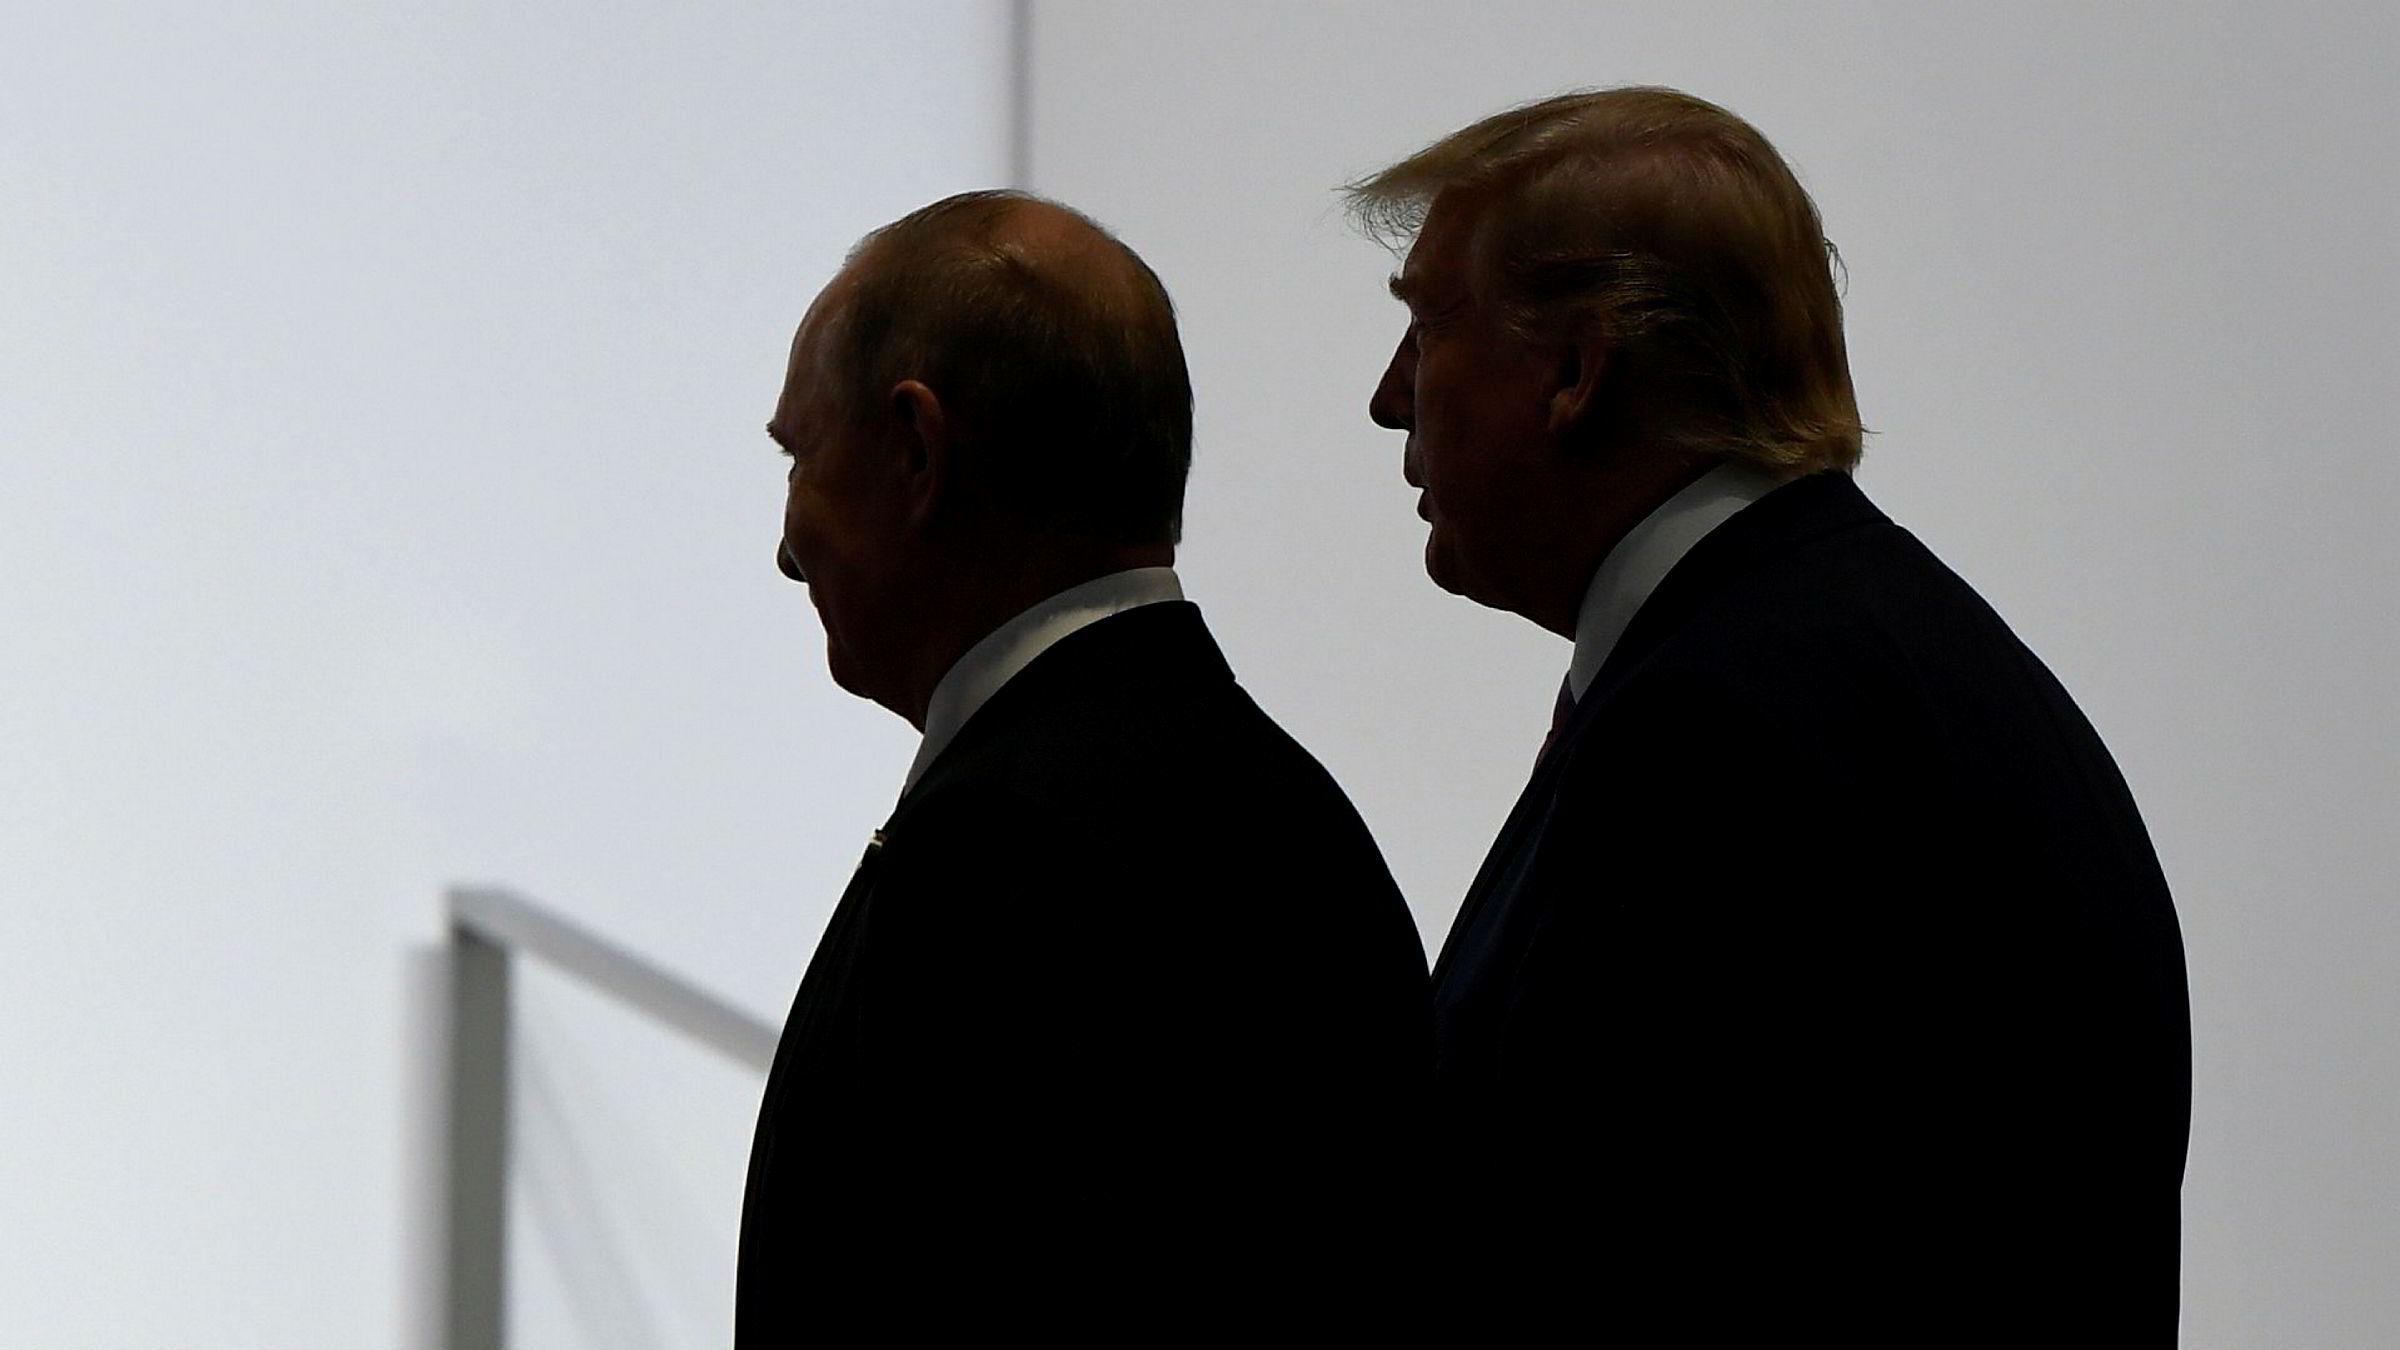 President Donald Trumps regjering varslet torsdag at USA vil trekke seg fra Open Skies-avtalen, som de beskylder Russland for å bryte. Her er Trump fotografert sammen med Russlands president Vladimir Putin .